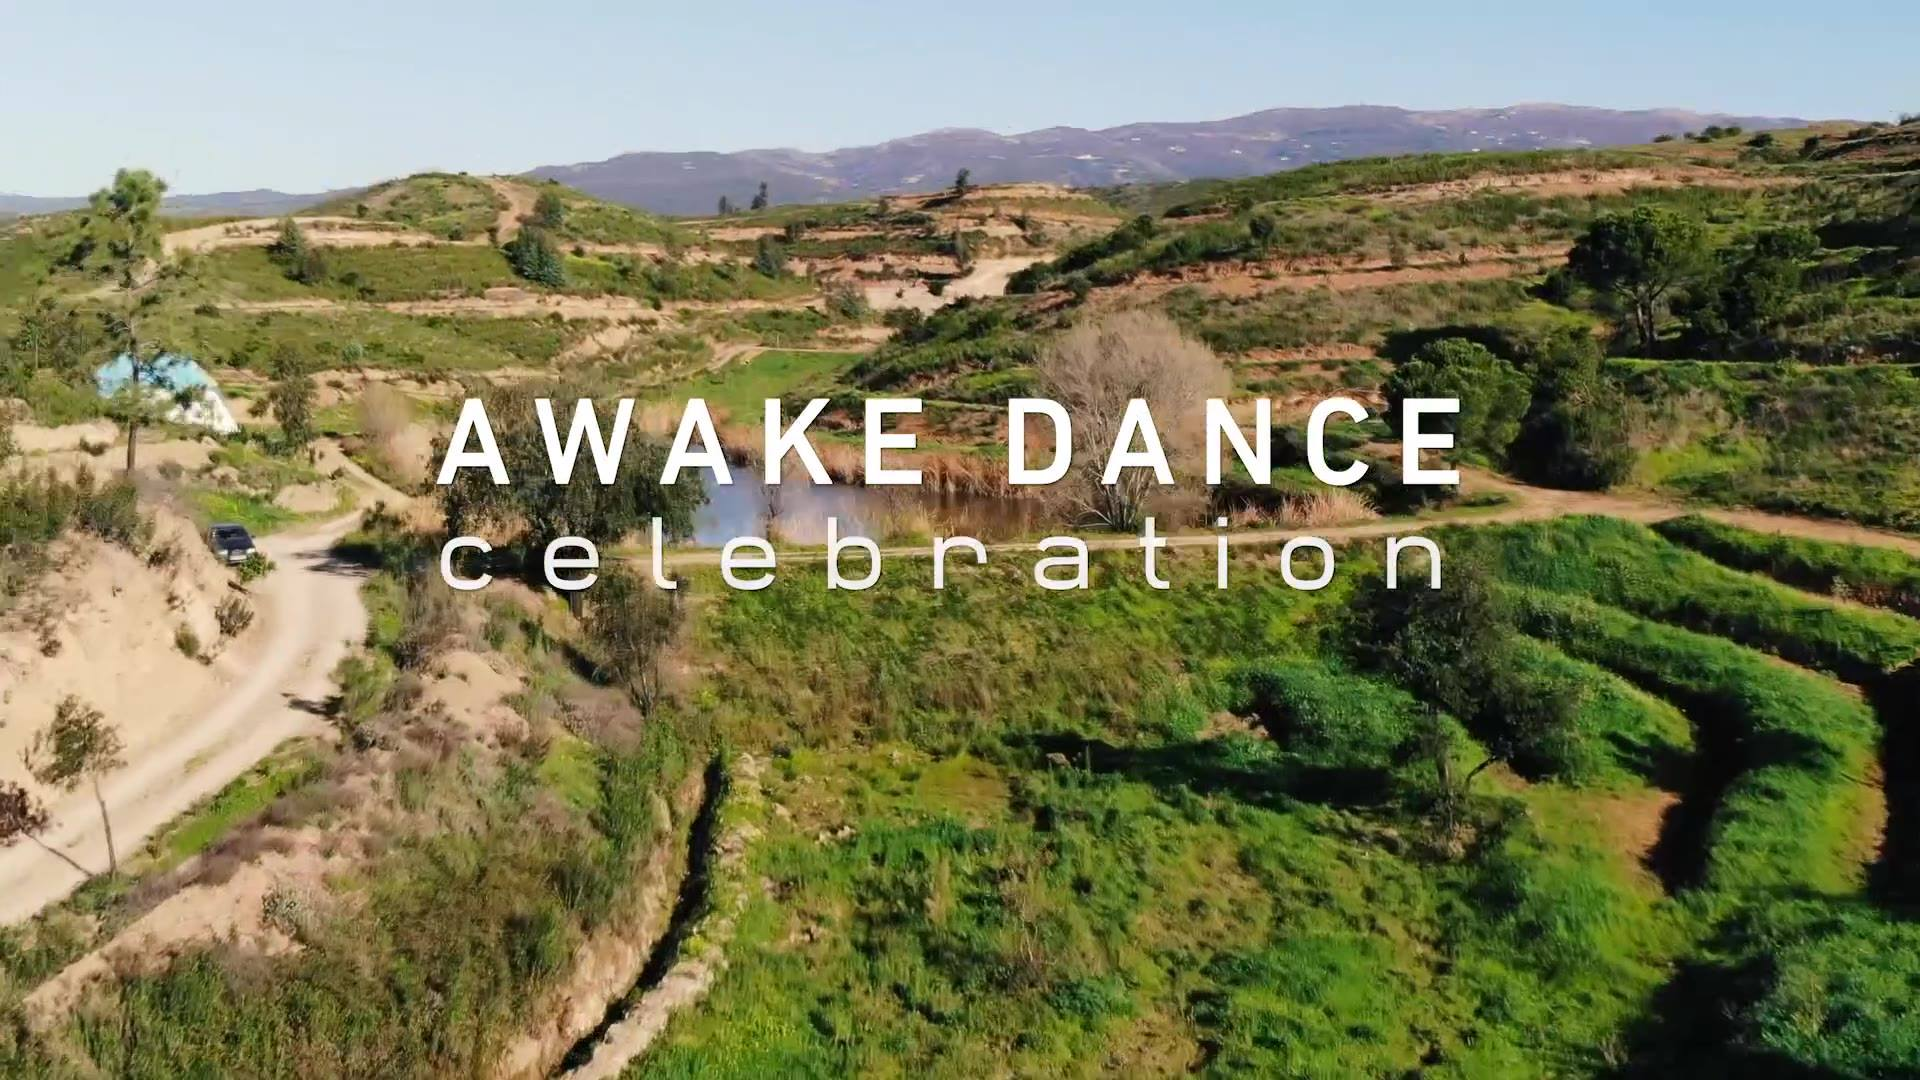 Awake Dance Celebration 2021